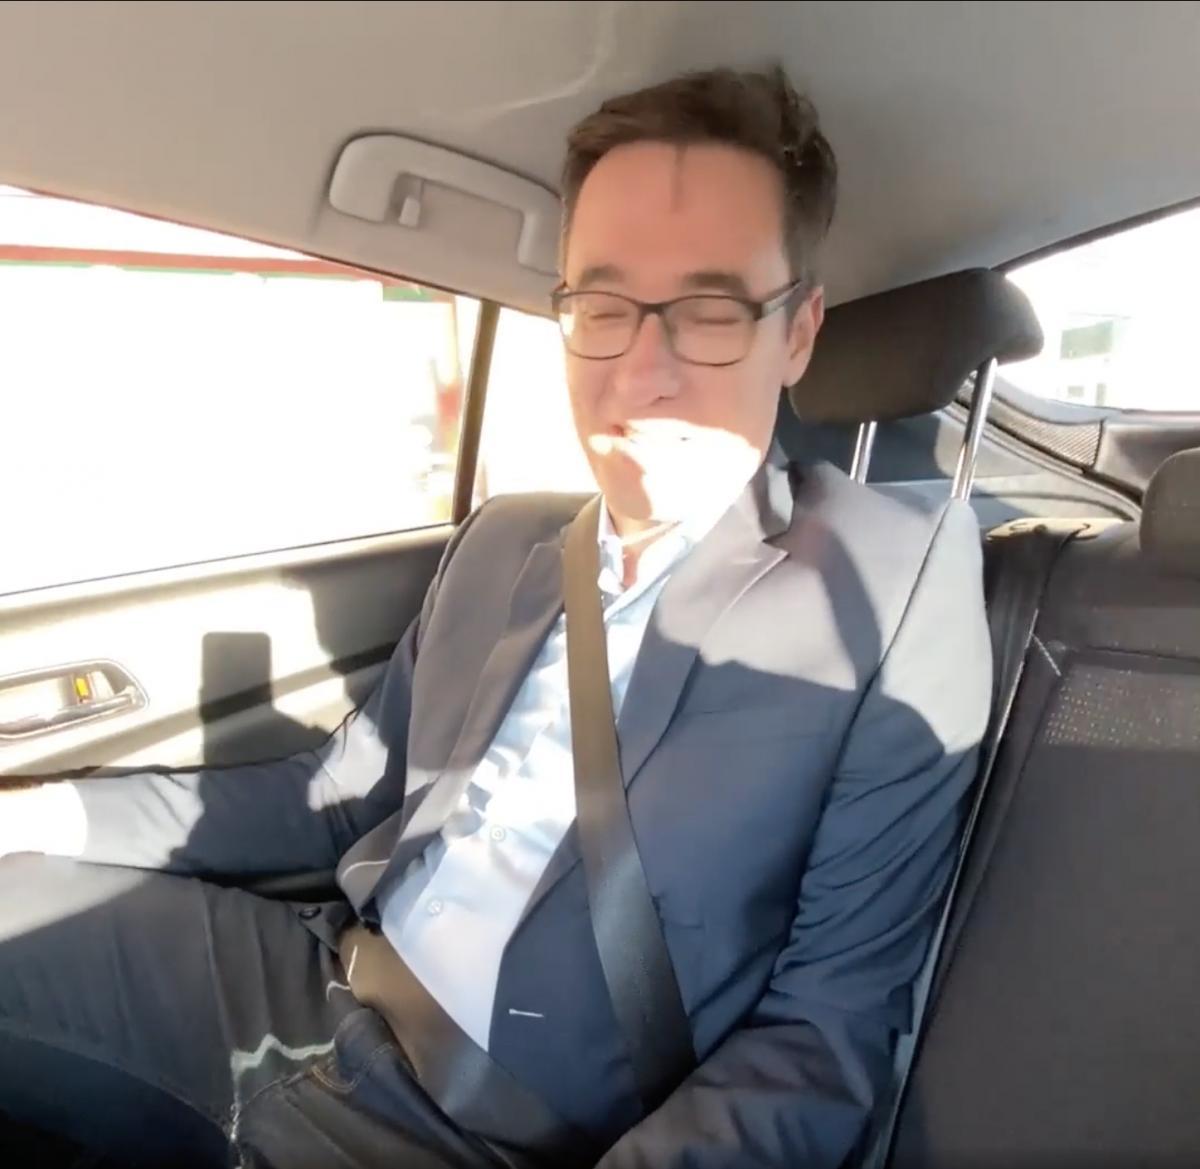 Karácsony a hivatali autójának hátsó üléséről jelentette be álmoskodva, hogy a péntek az országjárásé